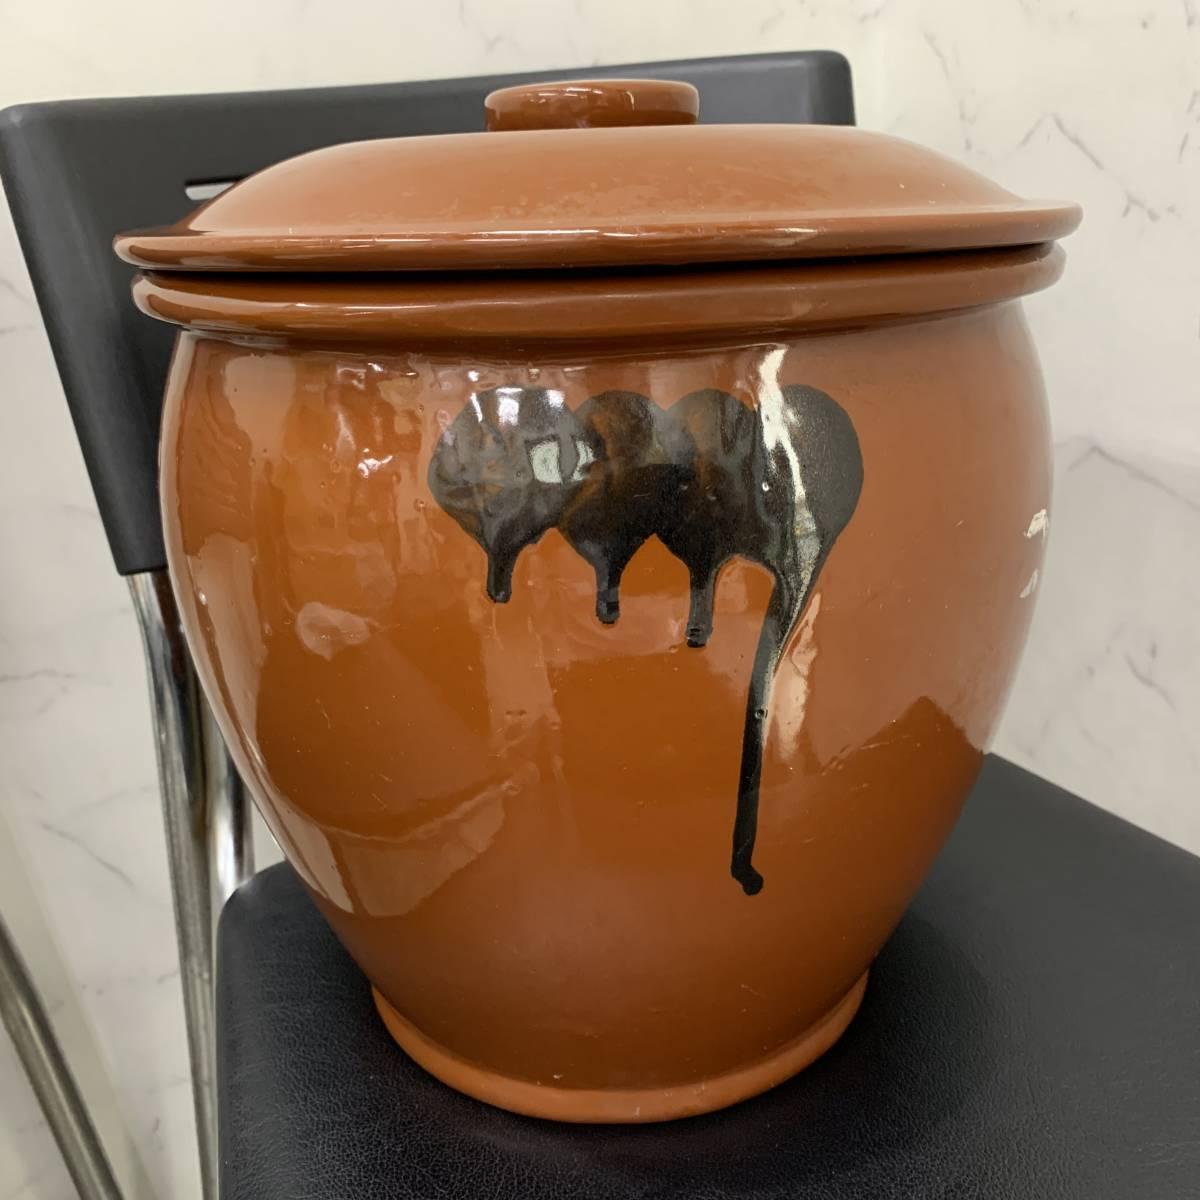 1、常滑焼 久松窯 梅干し壺 漬物容器 かめ 漬物 らっきょ 梅干 味噌 蓋付 経年保管品_画像2